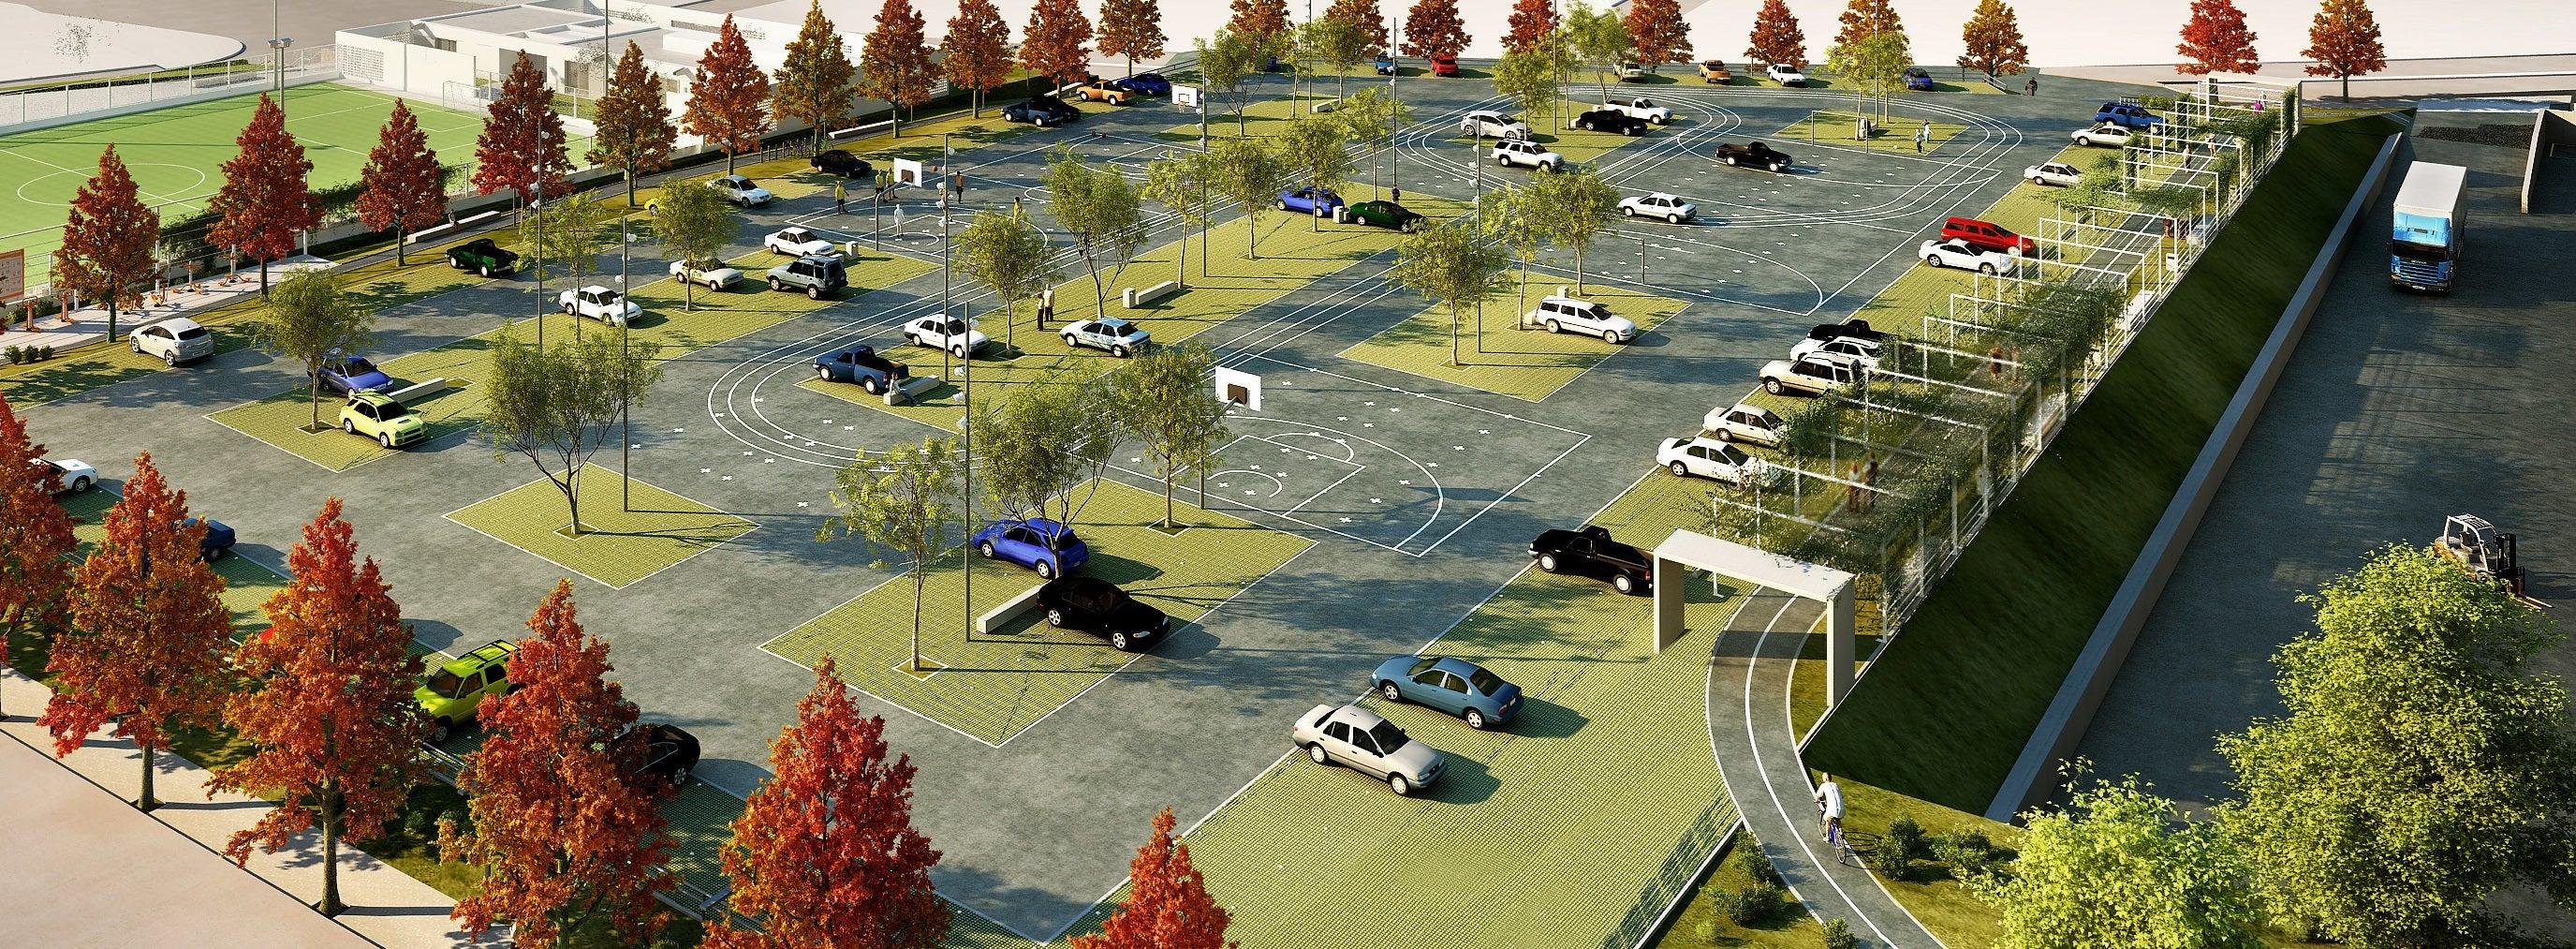 Copia de AA6_Polideportivo-Parking_C002_AEREA2.jpg